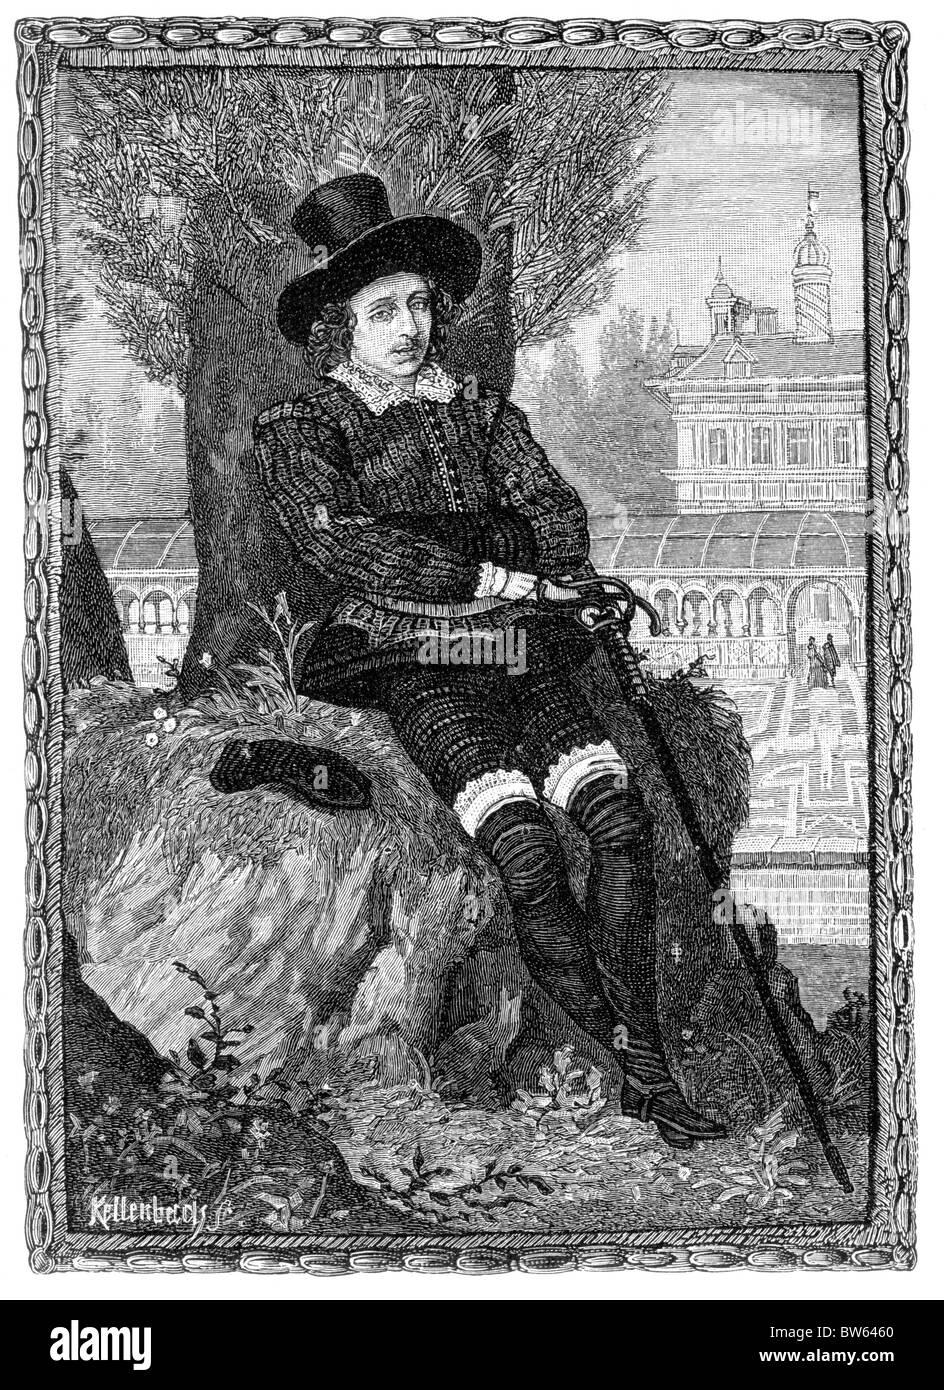 Sir Philip Sidney 16e siècle poète, courtisan et soldat; noir et blanc Illustration par Isaac Oliver Photo Stock